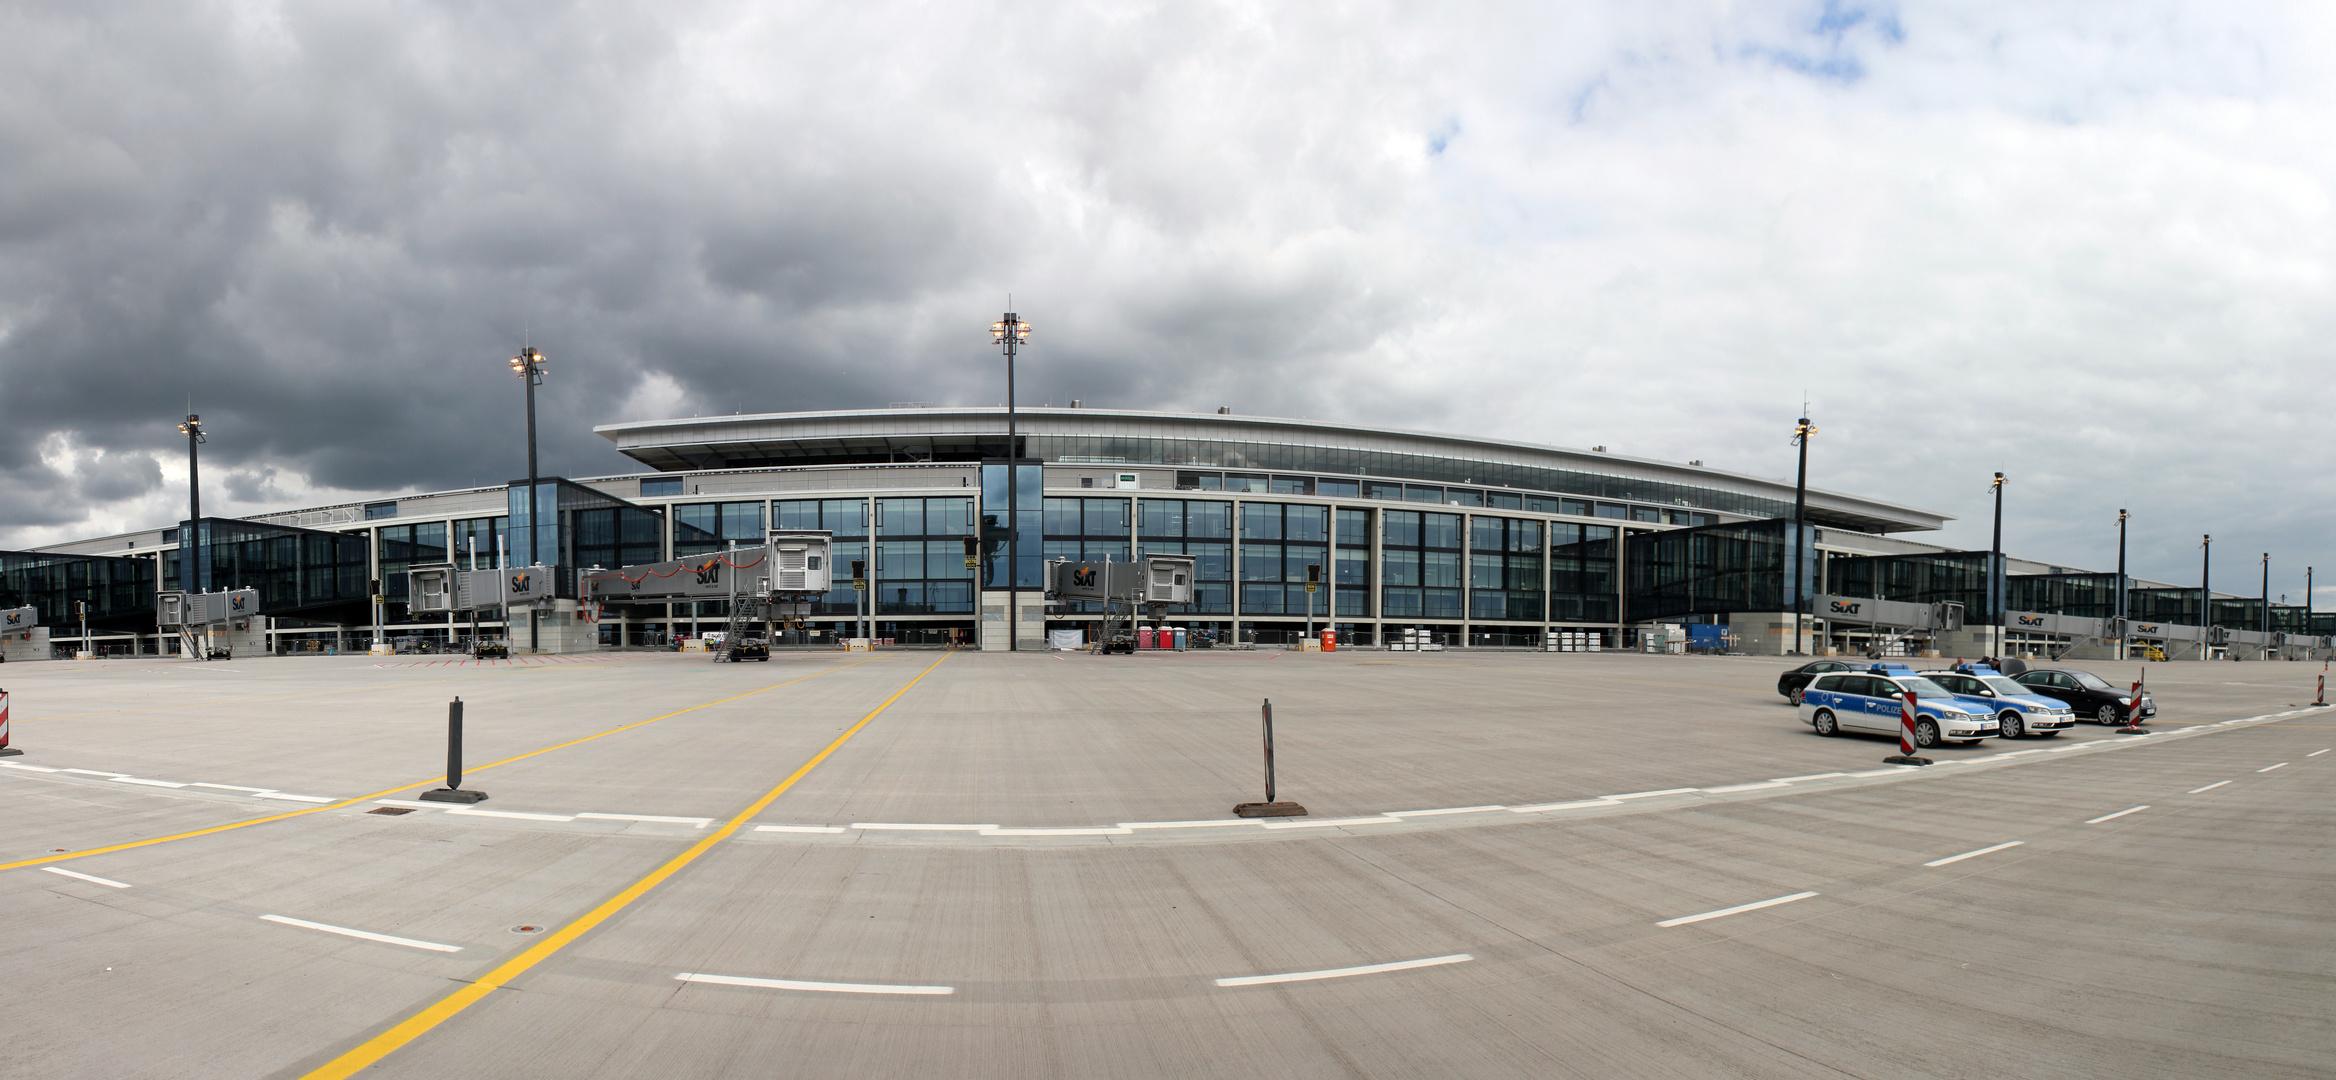 Dunkle Wolken über dem Flughafen